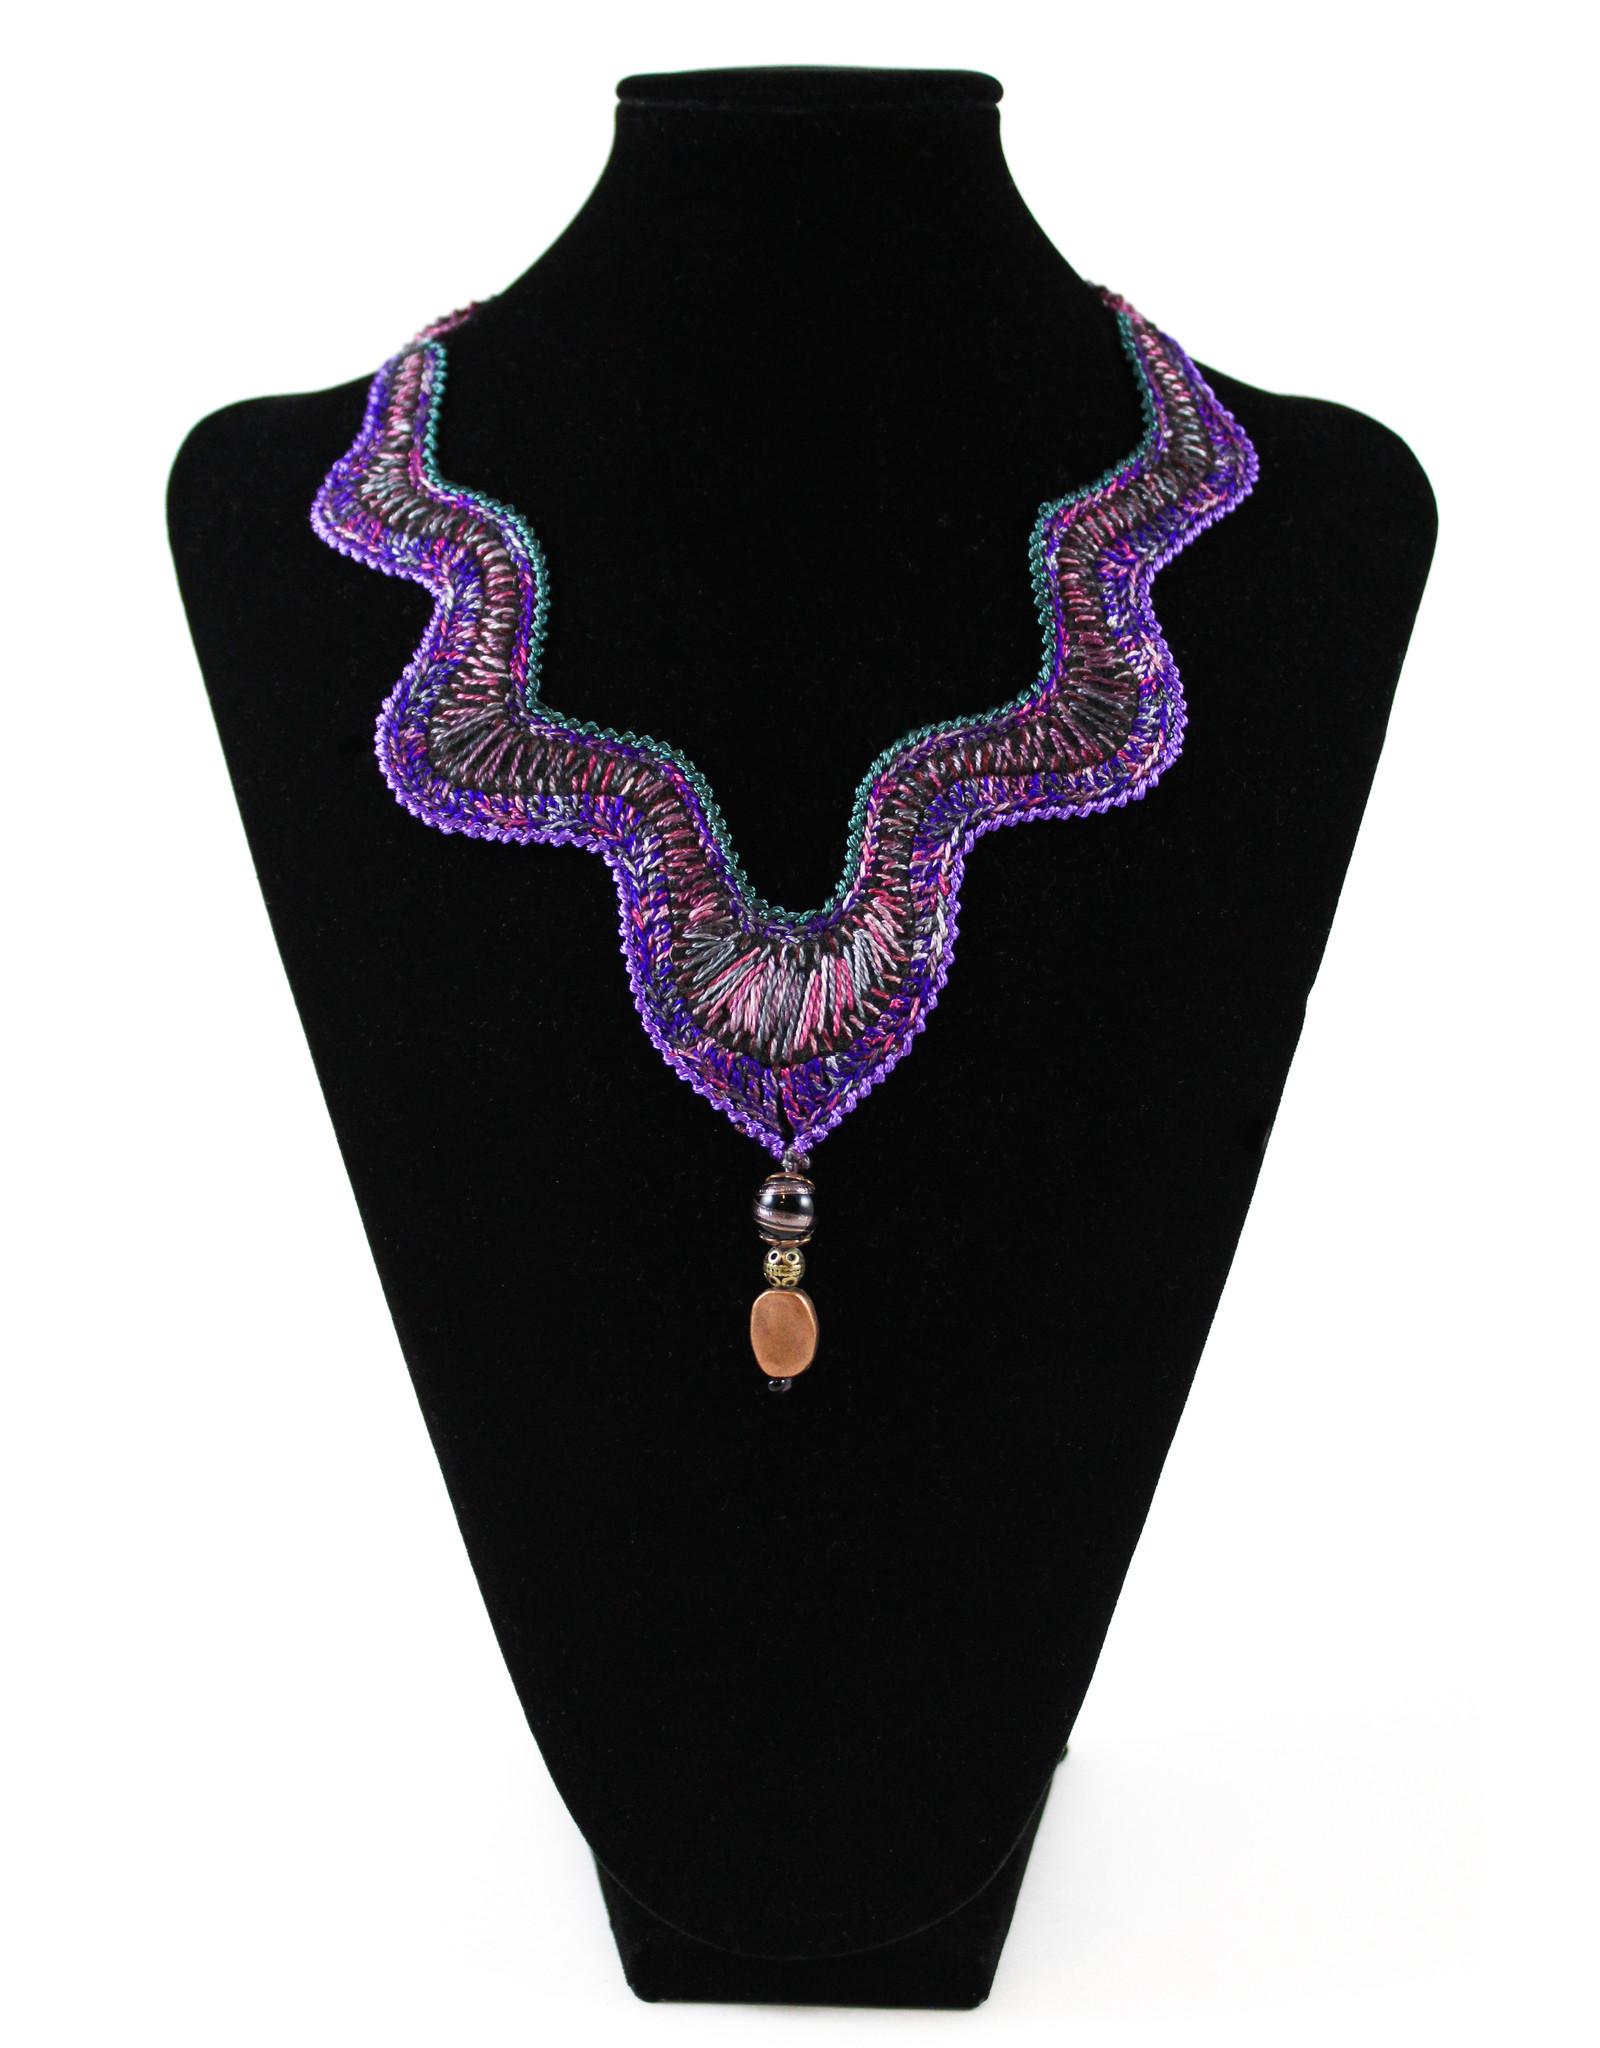 GUNDI Embroidered Necklace by Gundi